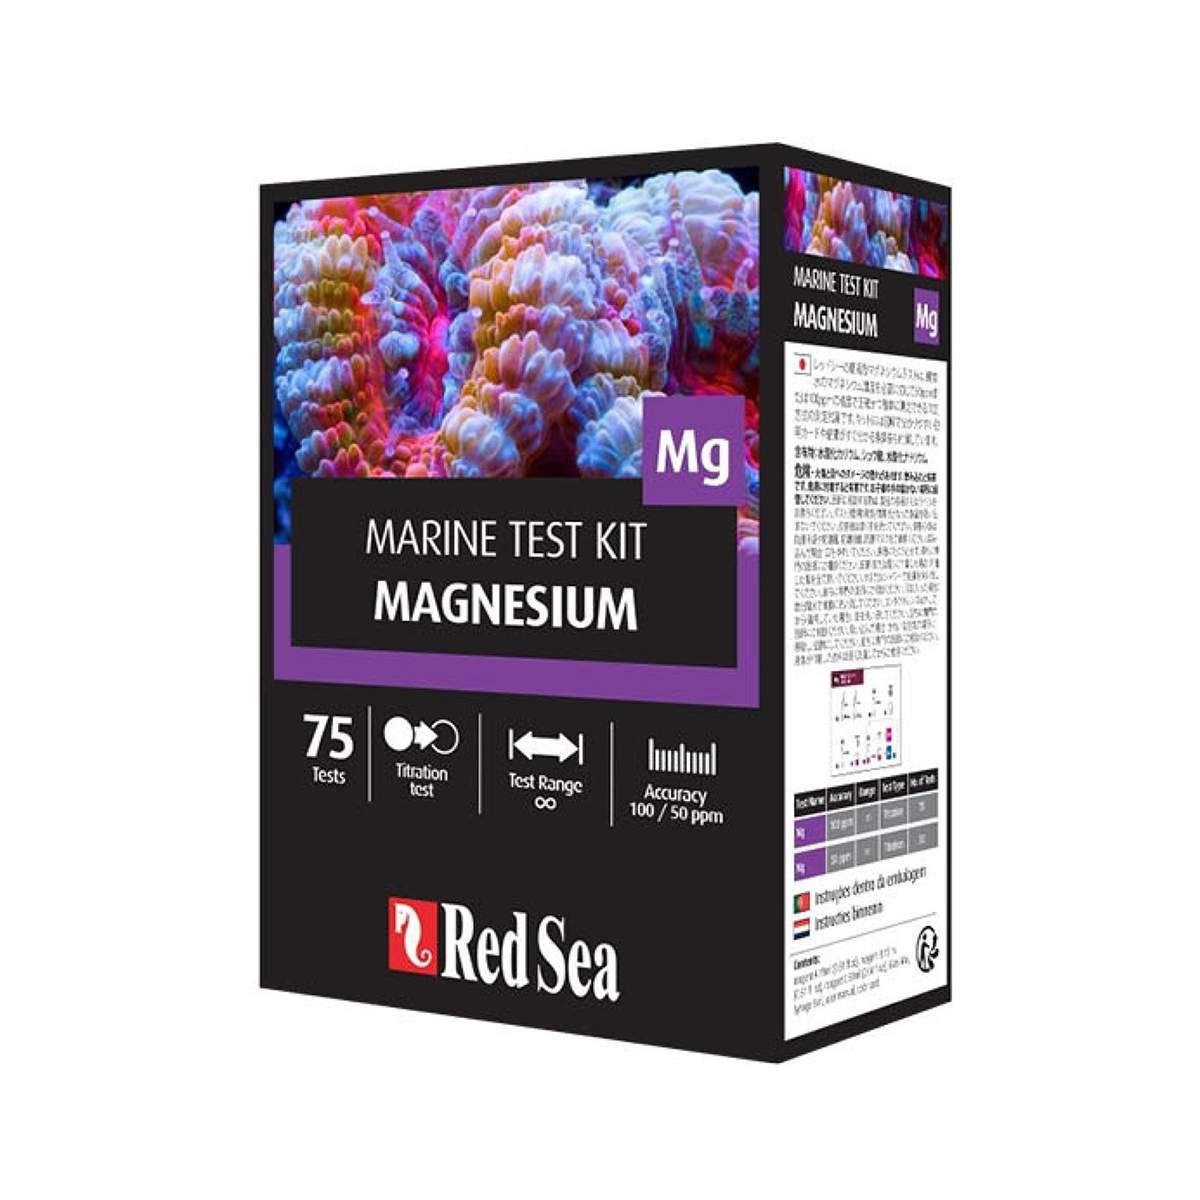 Teste Red Sea Marine Magnesium Mg